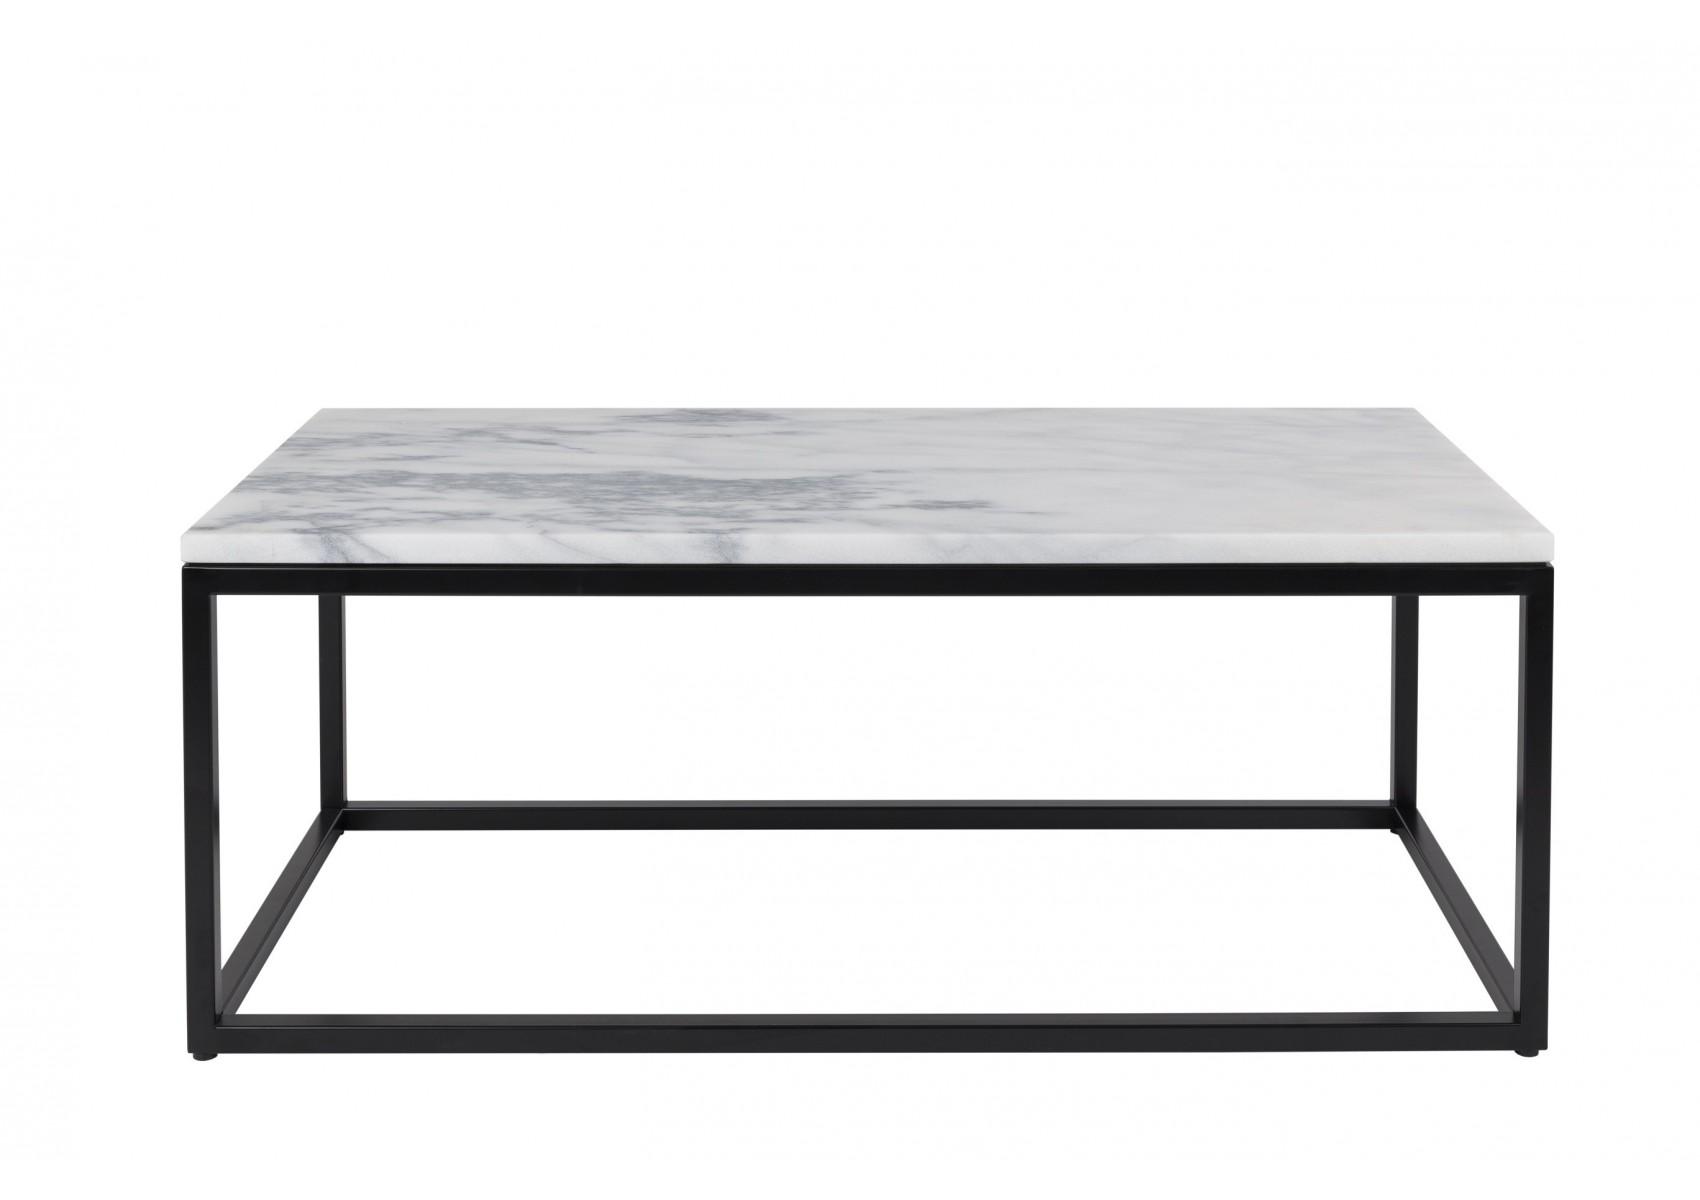 Table basse marbre power d co design boite design for Table basse design 50